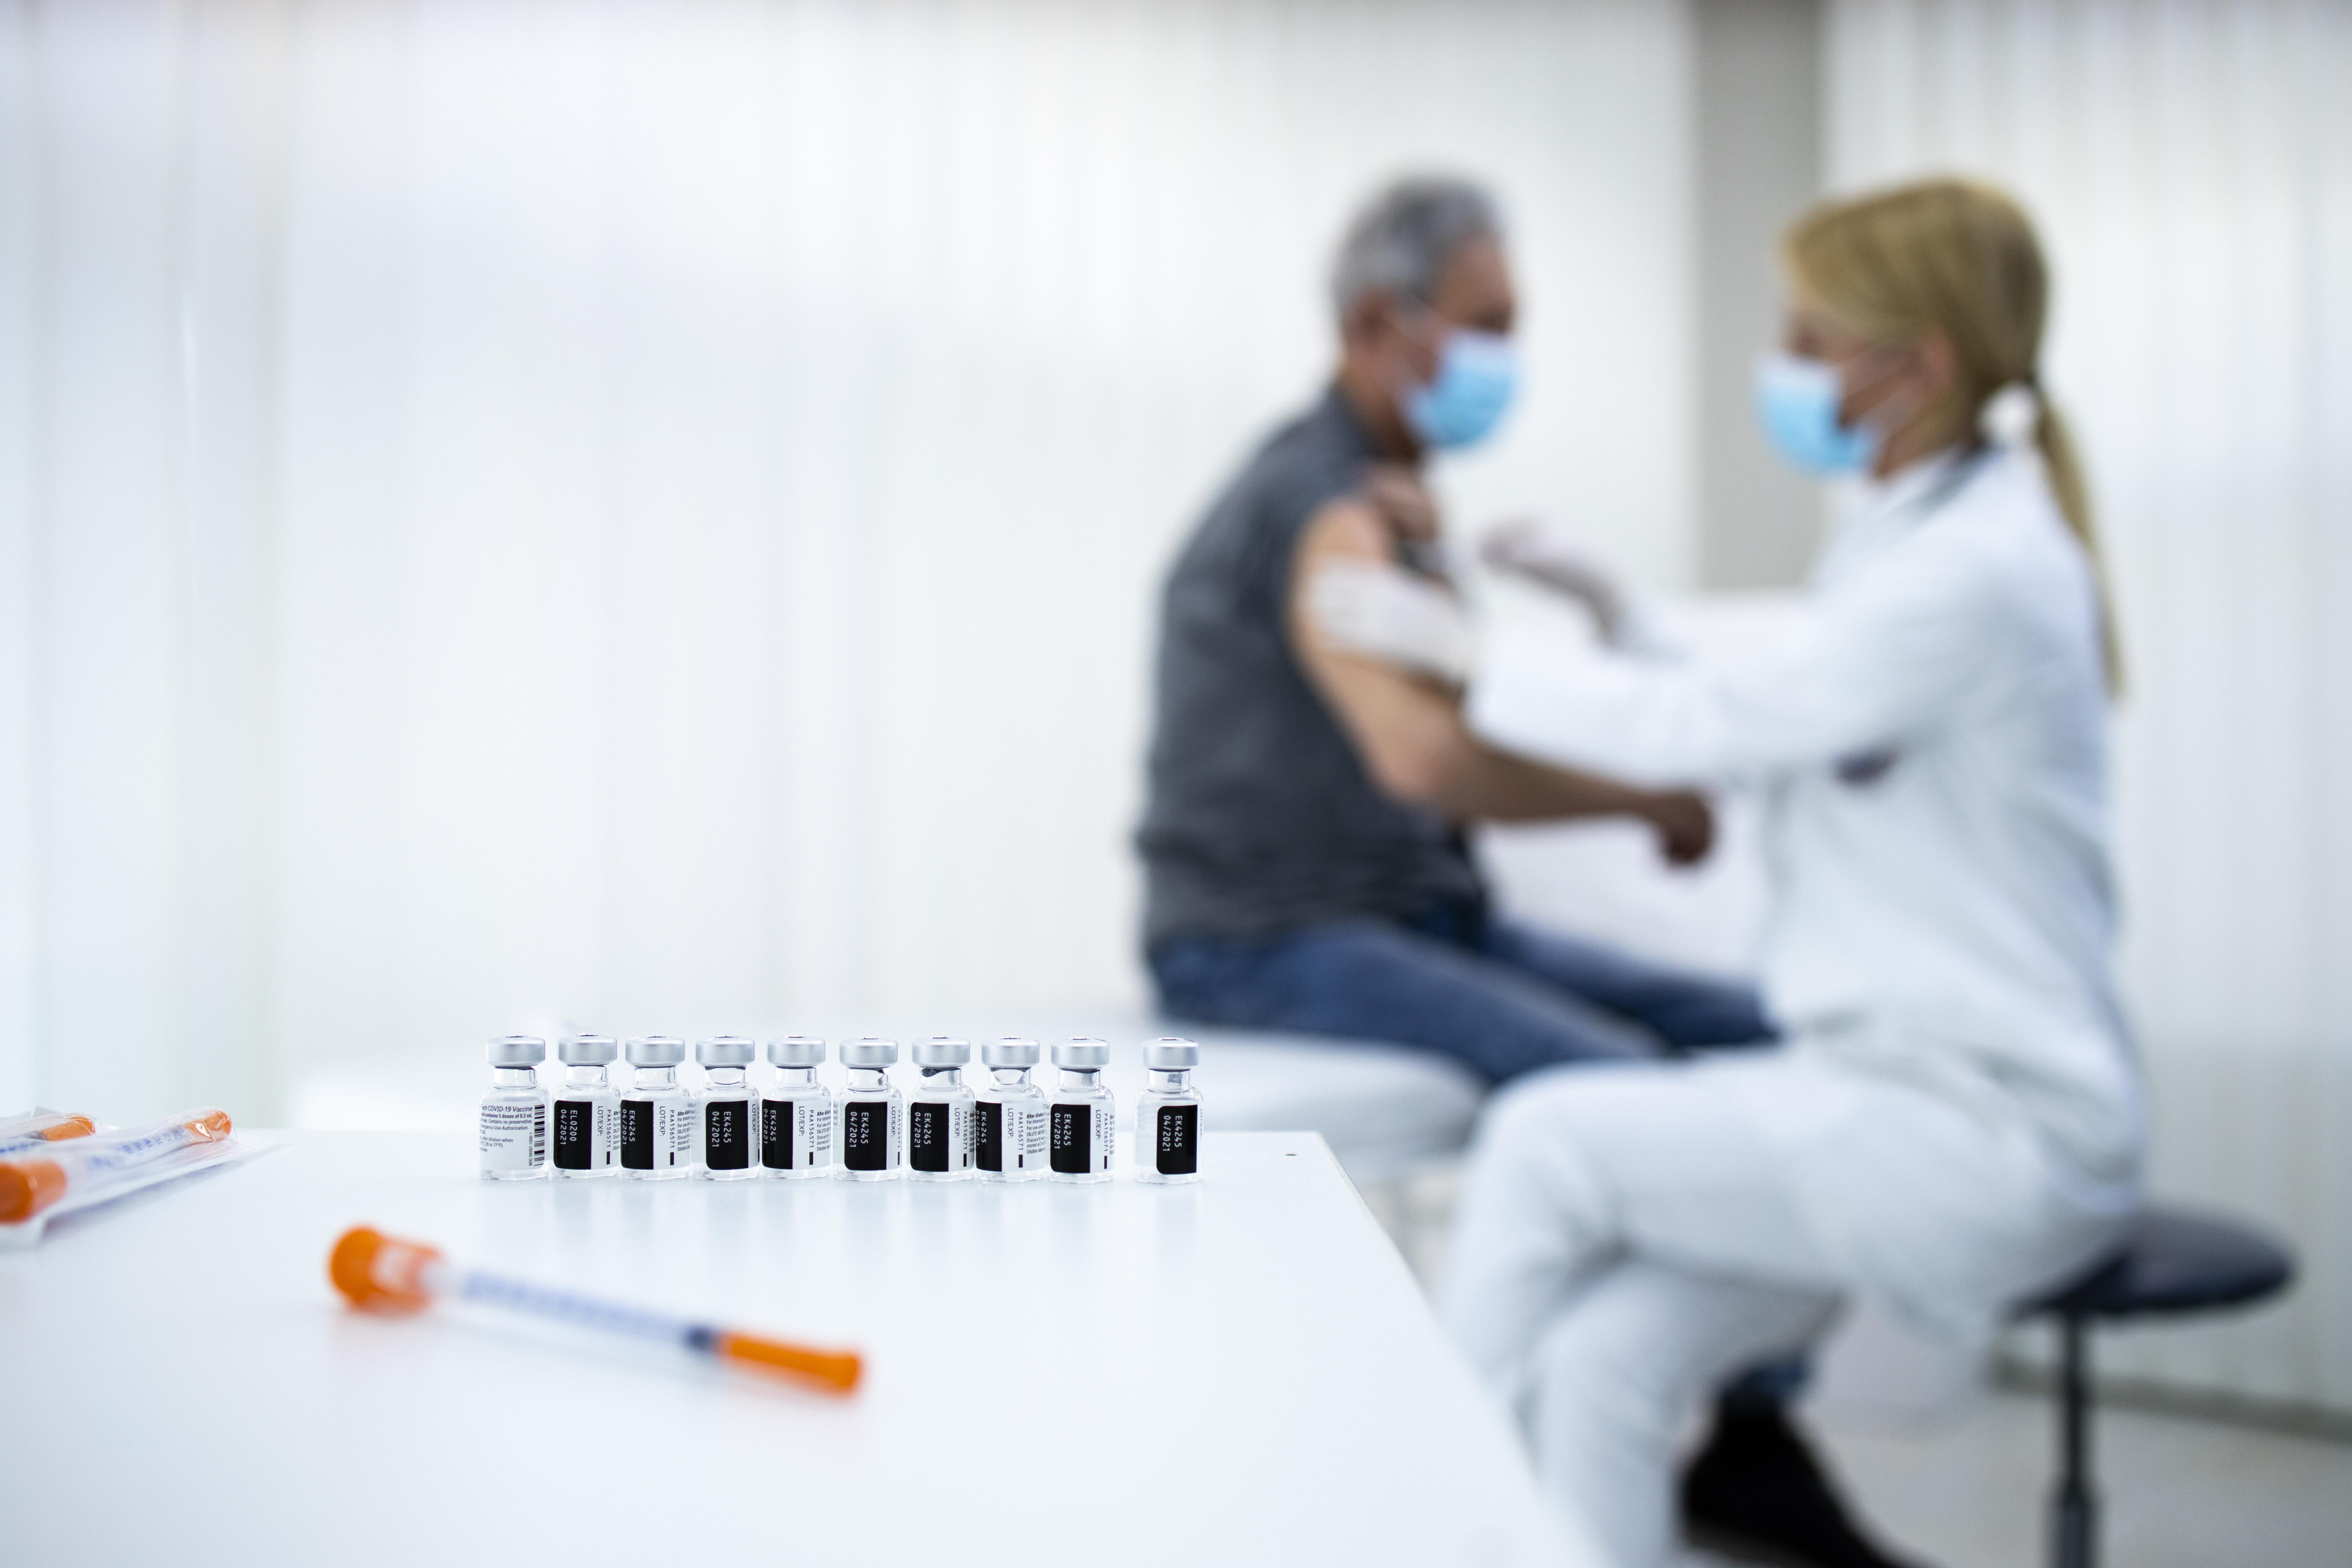 Le report des deuxièmes doses des vaccins contre la COVID-19 présente des avantages épidémiologiques (Visuel Adobe Stock 418891464)